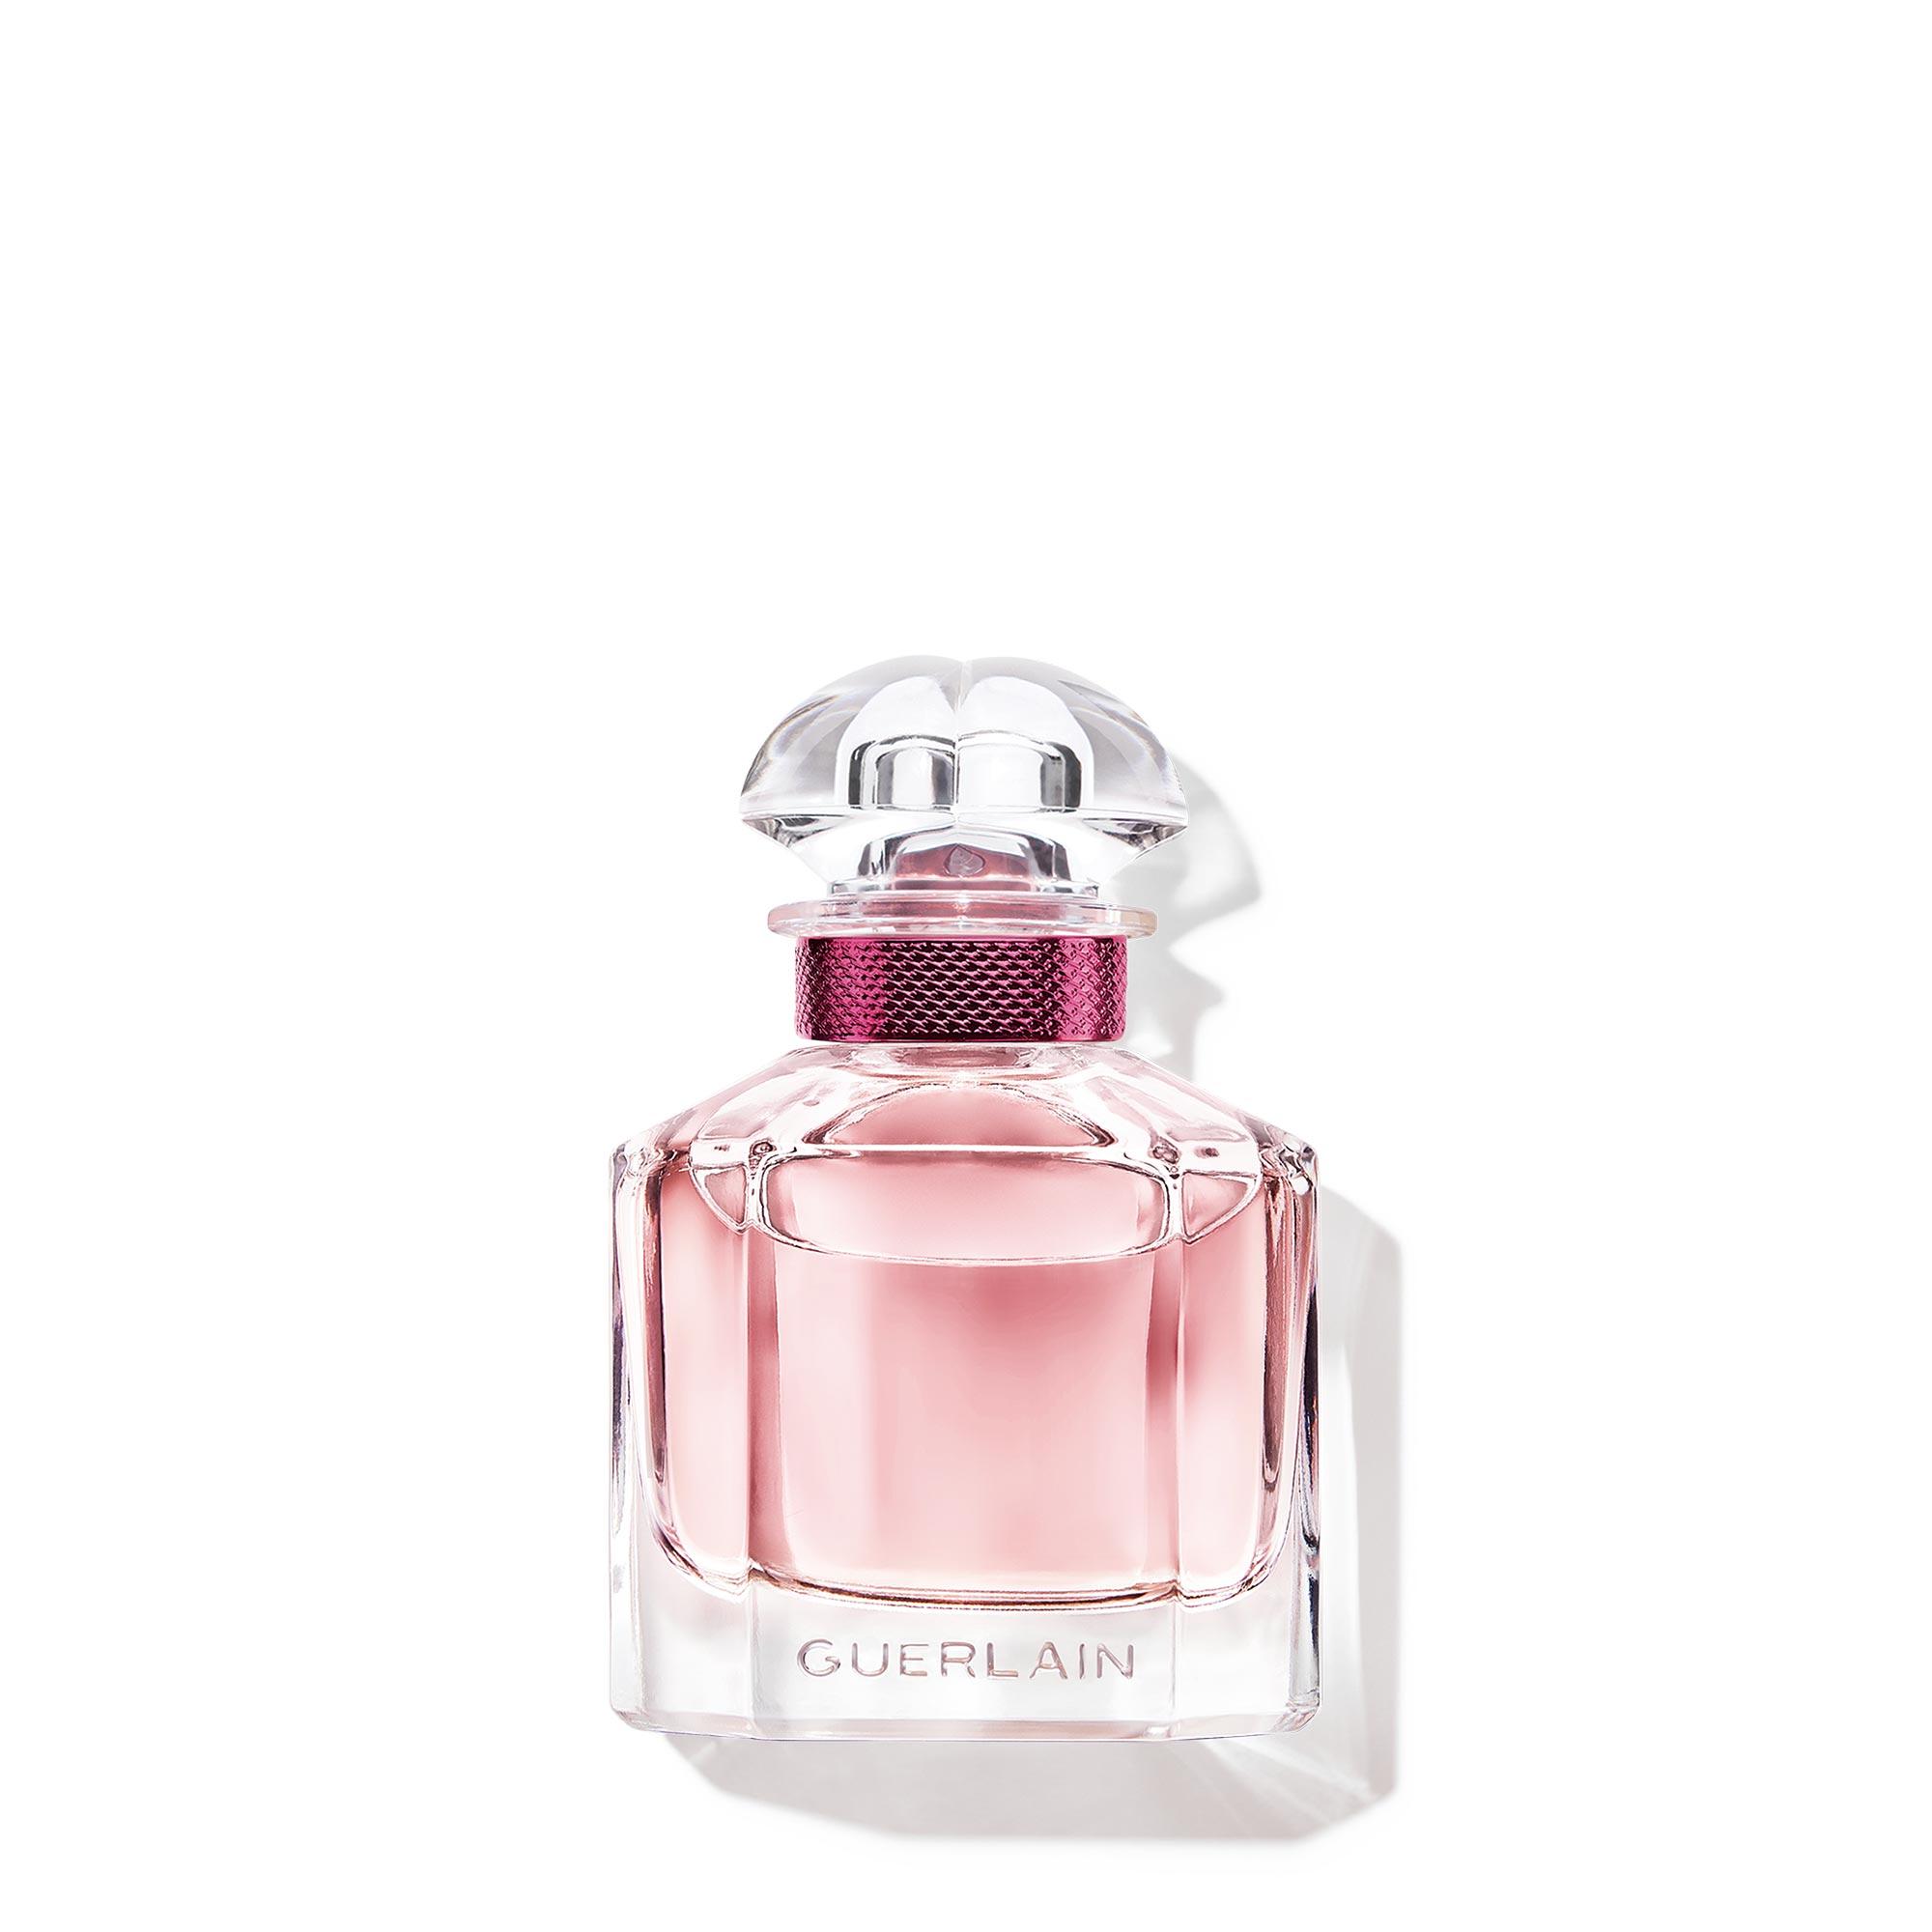 MON GUERLAIN 我的印記 玫瑰淡香水